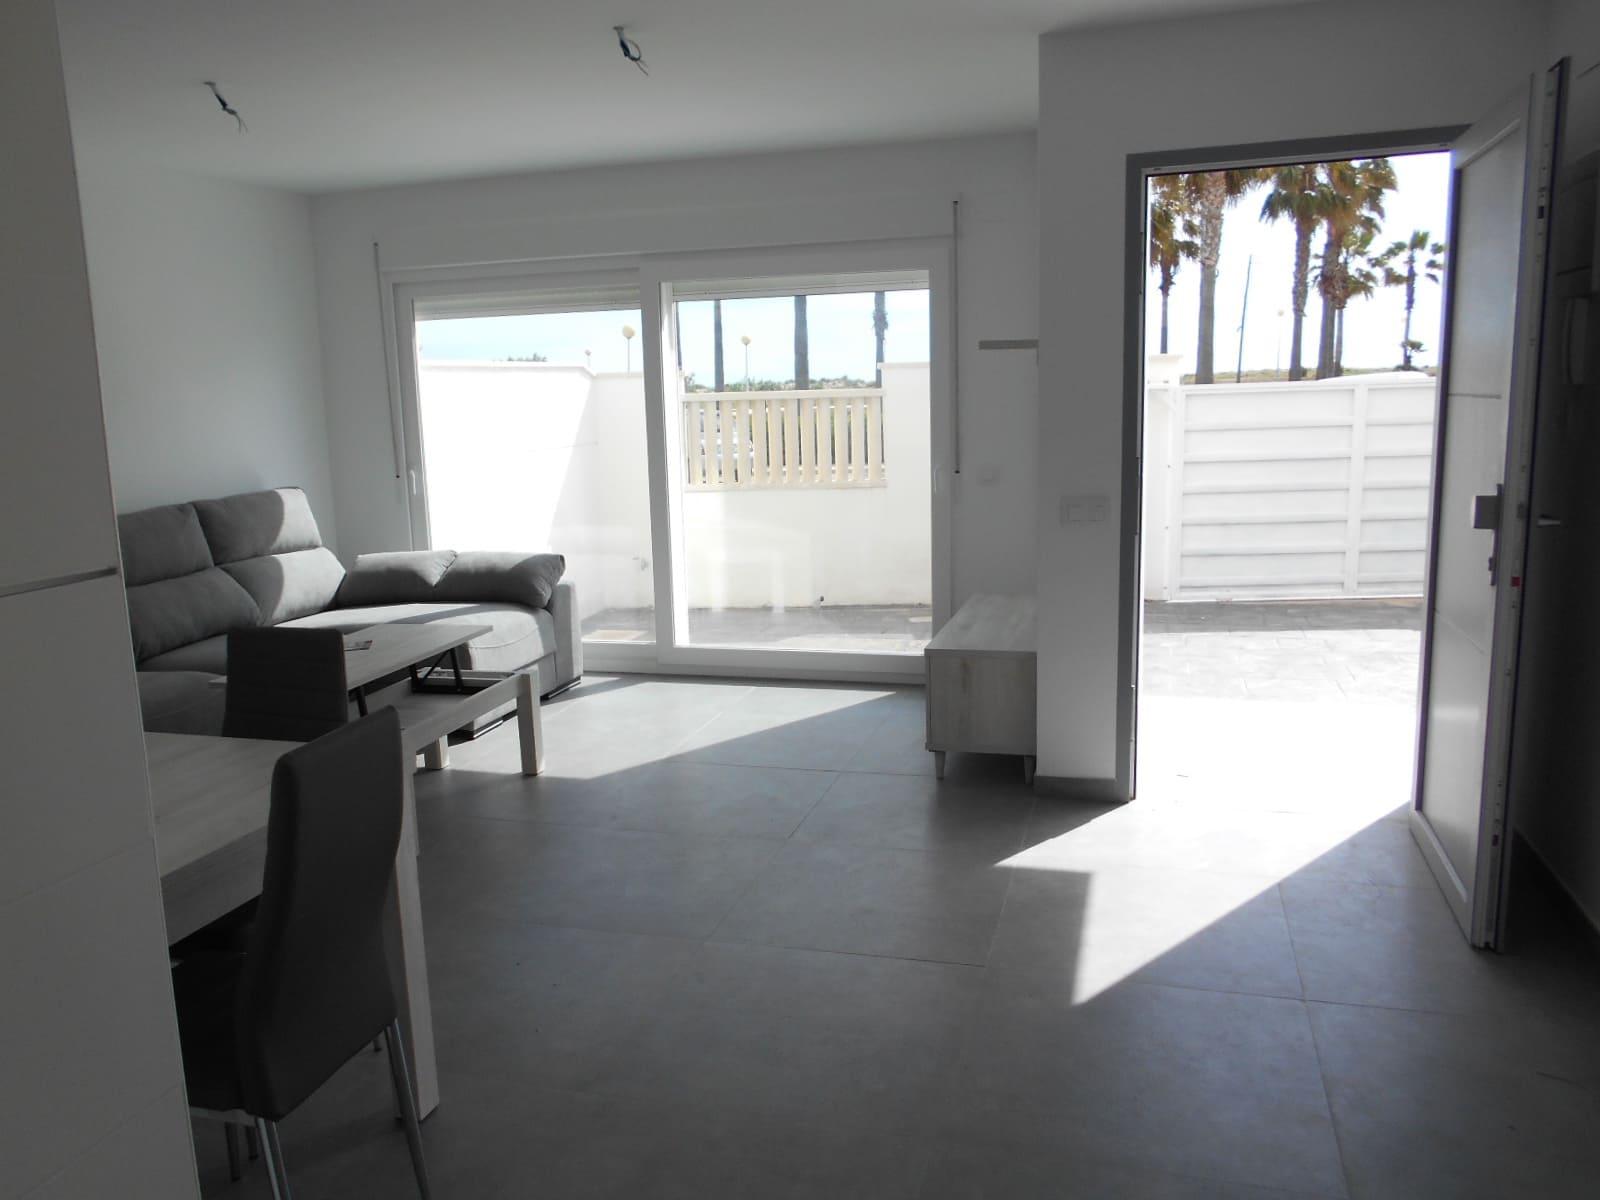 4 Zimmer Doppelhaus zu verkaufen in Daimus mit Garage - 252.000 € (Ref: 4606115)